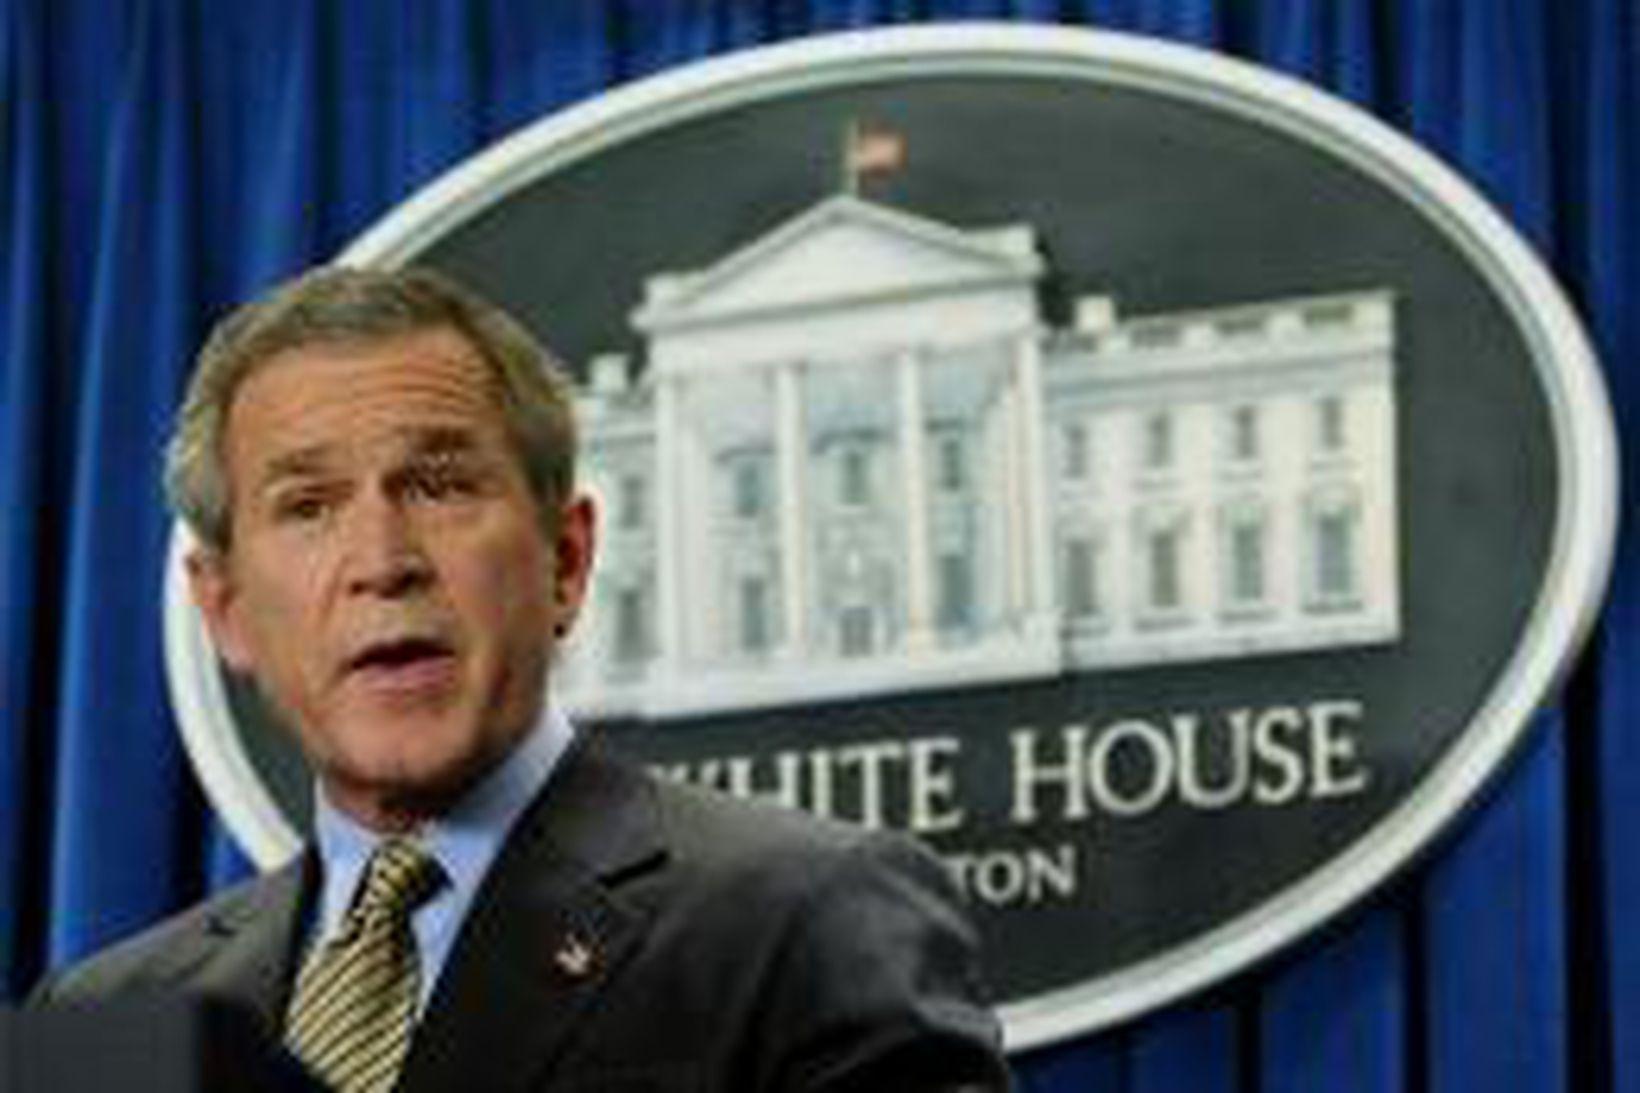 George W. Bush ræðir við blaðamenn í Hvíta húsinu í …